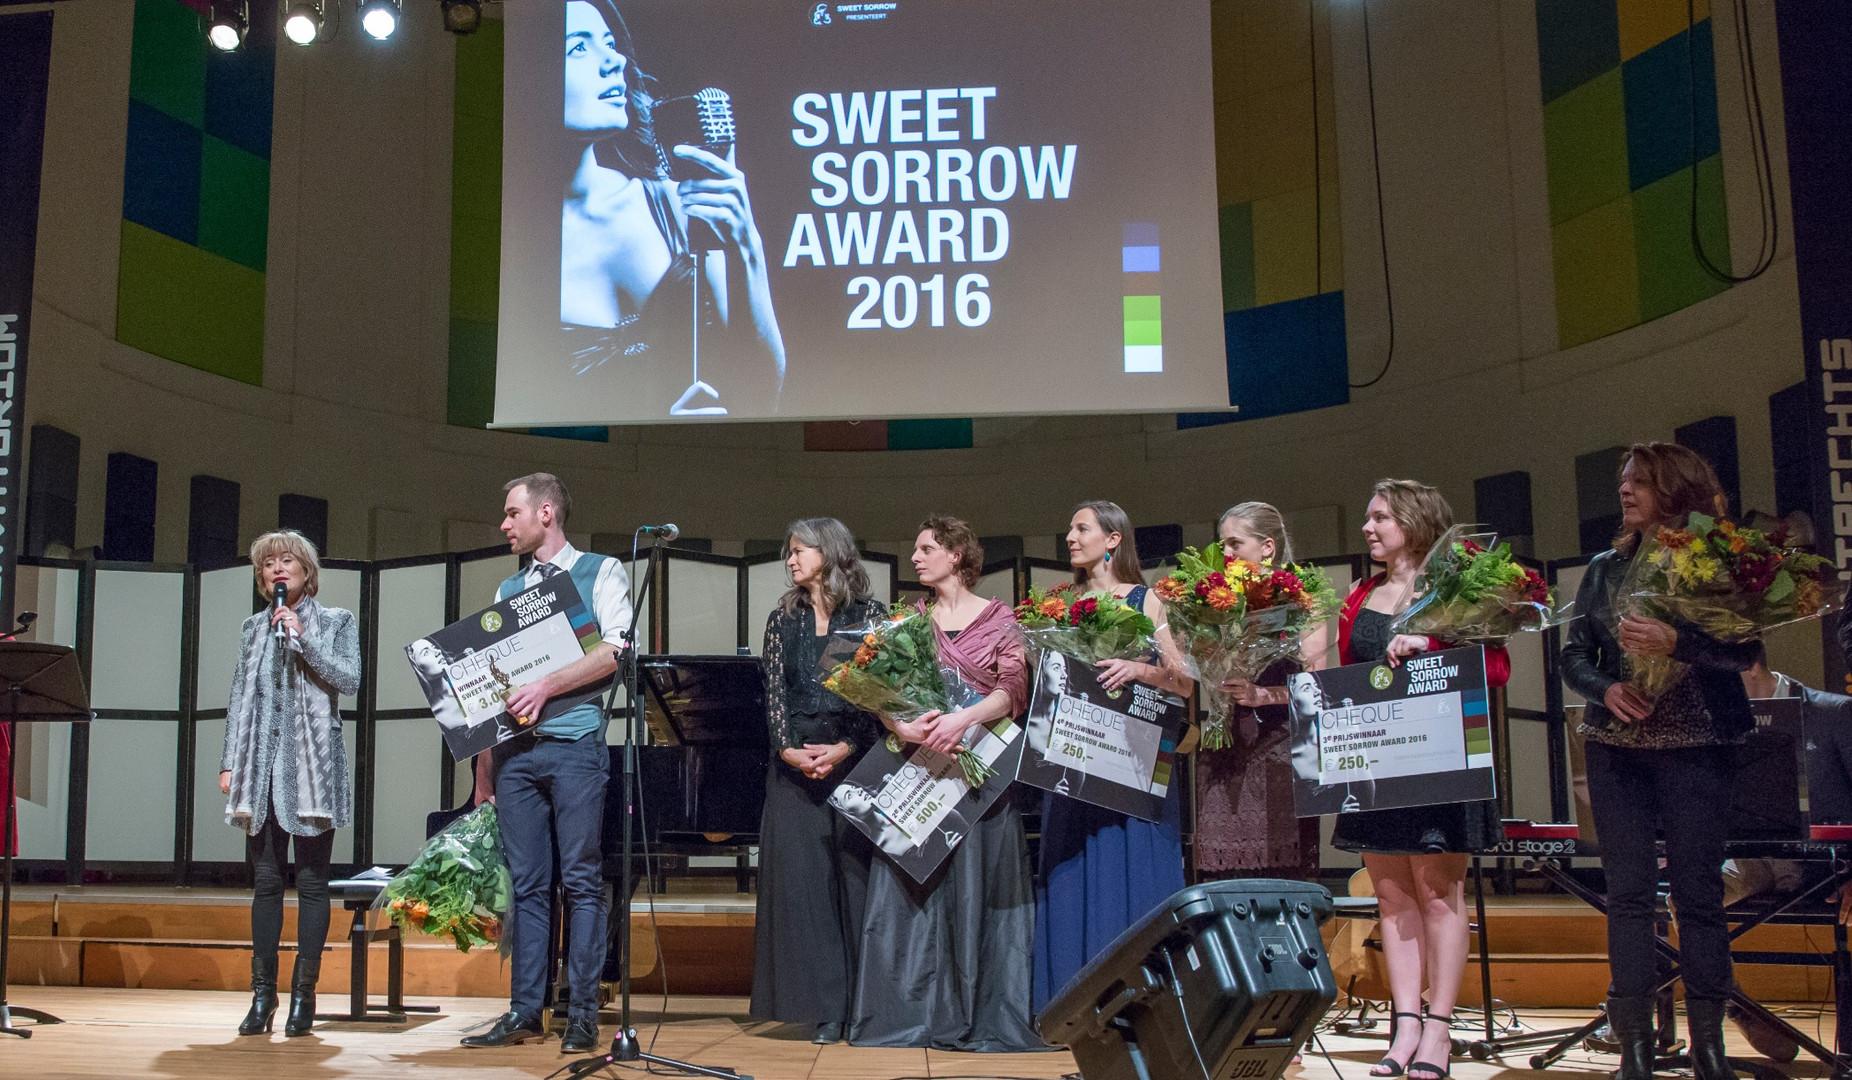 Finale Sweet Sorrow Award